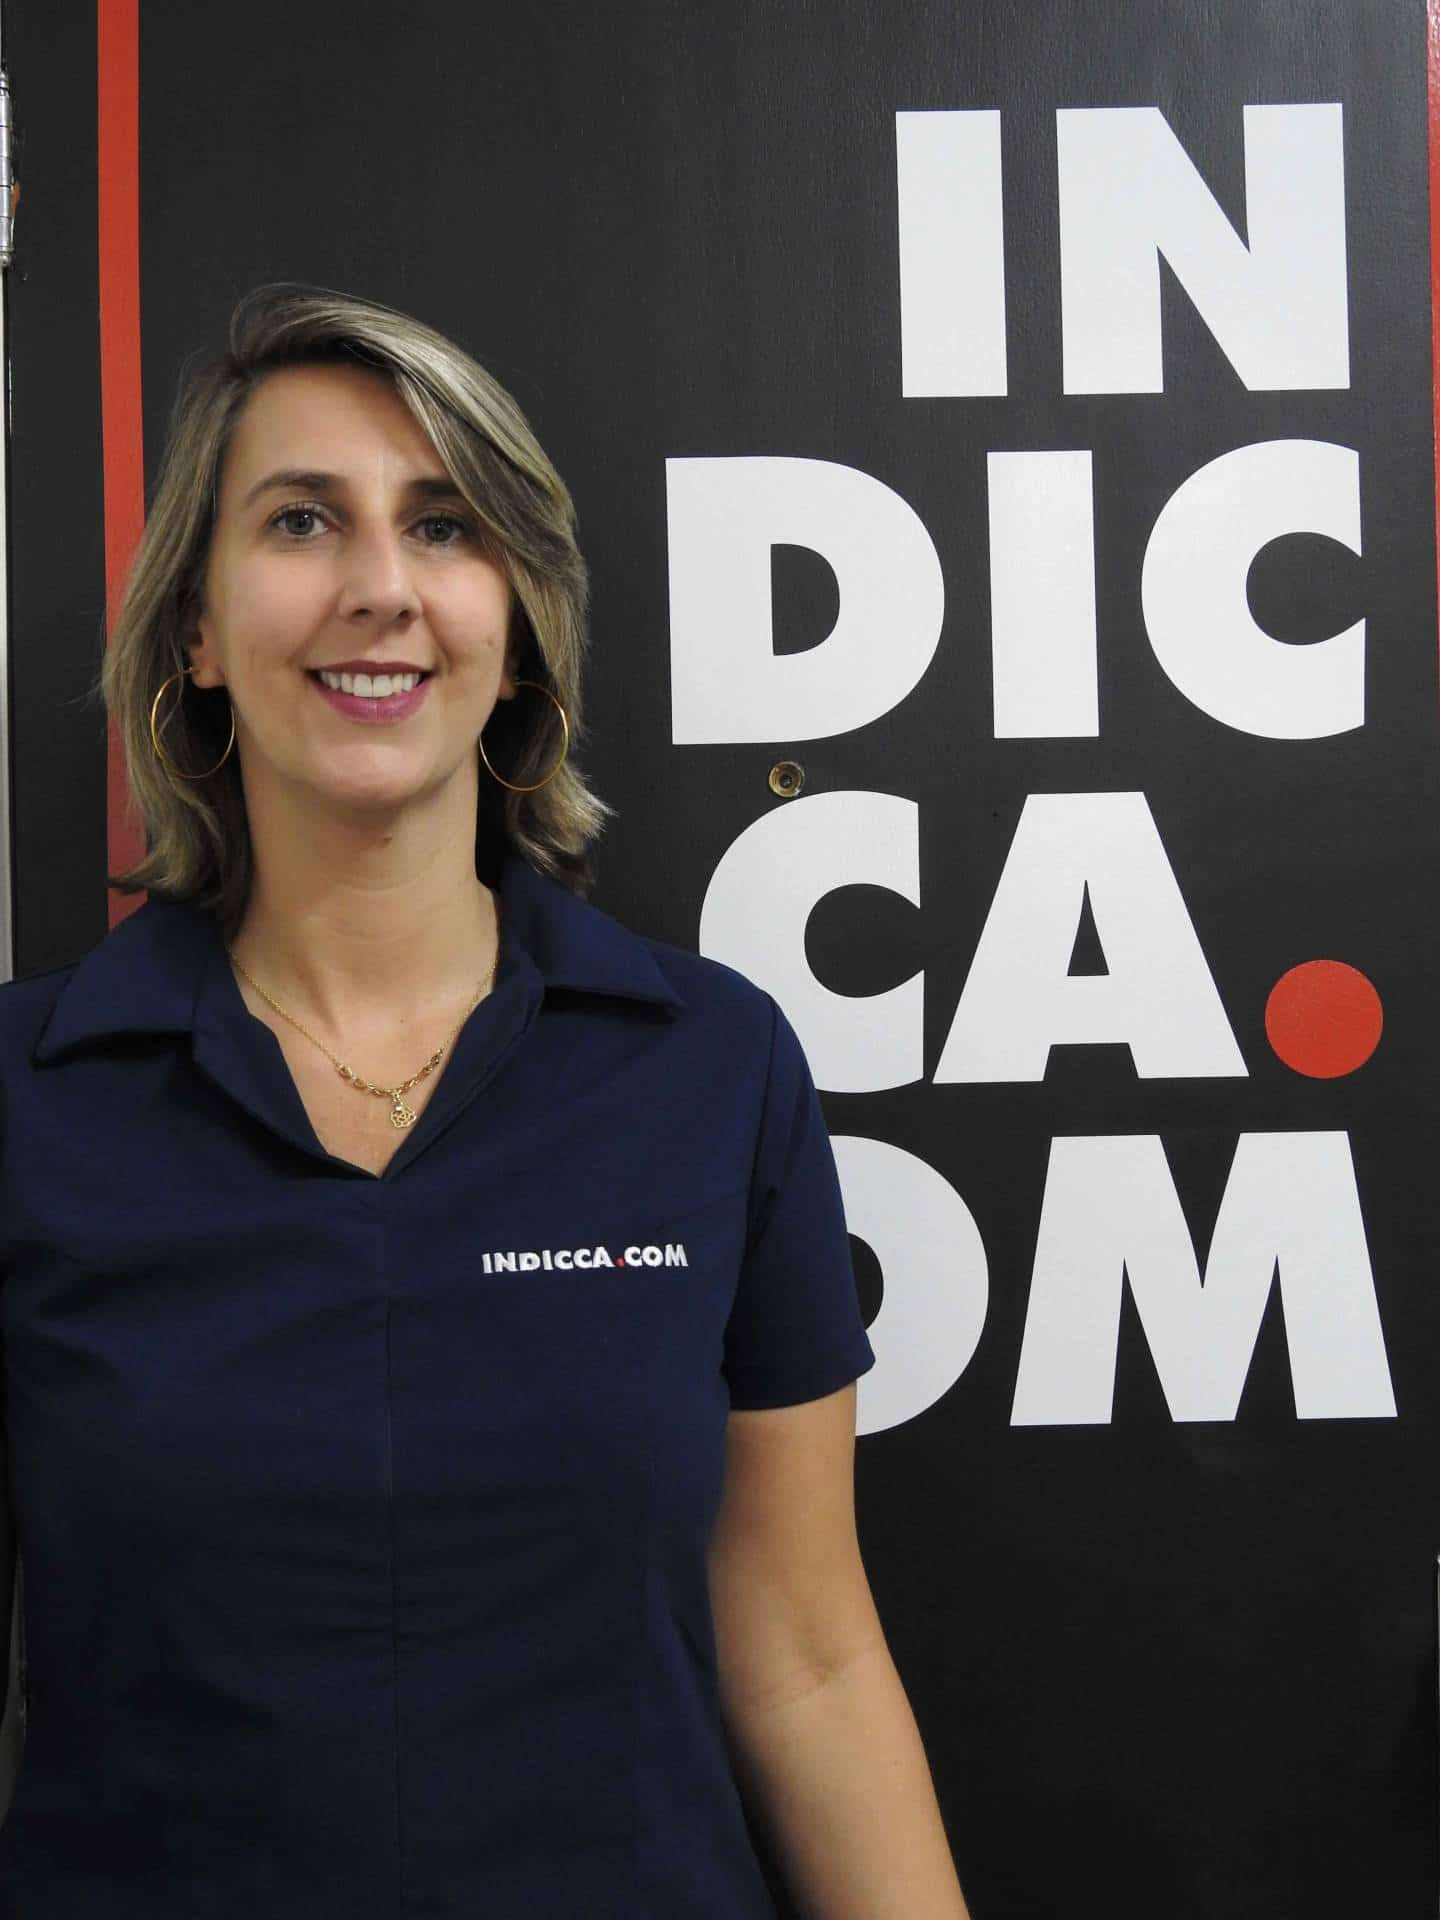 Michele-Indicca-2019